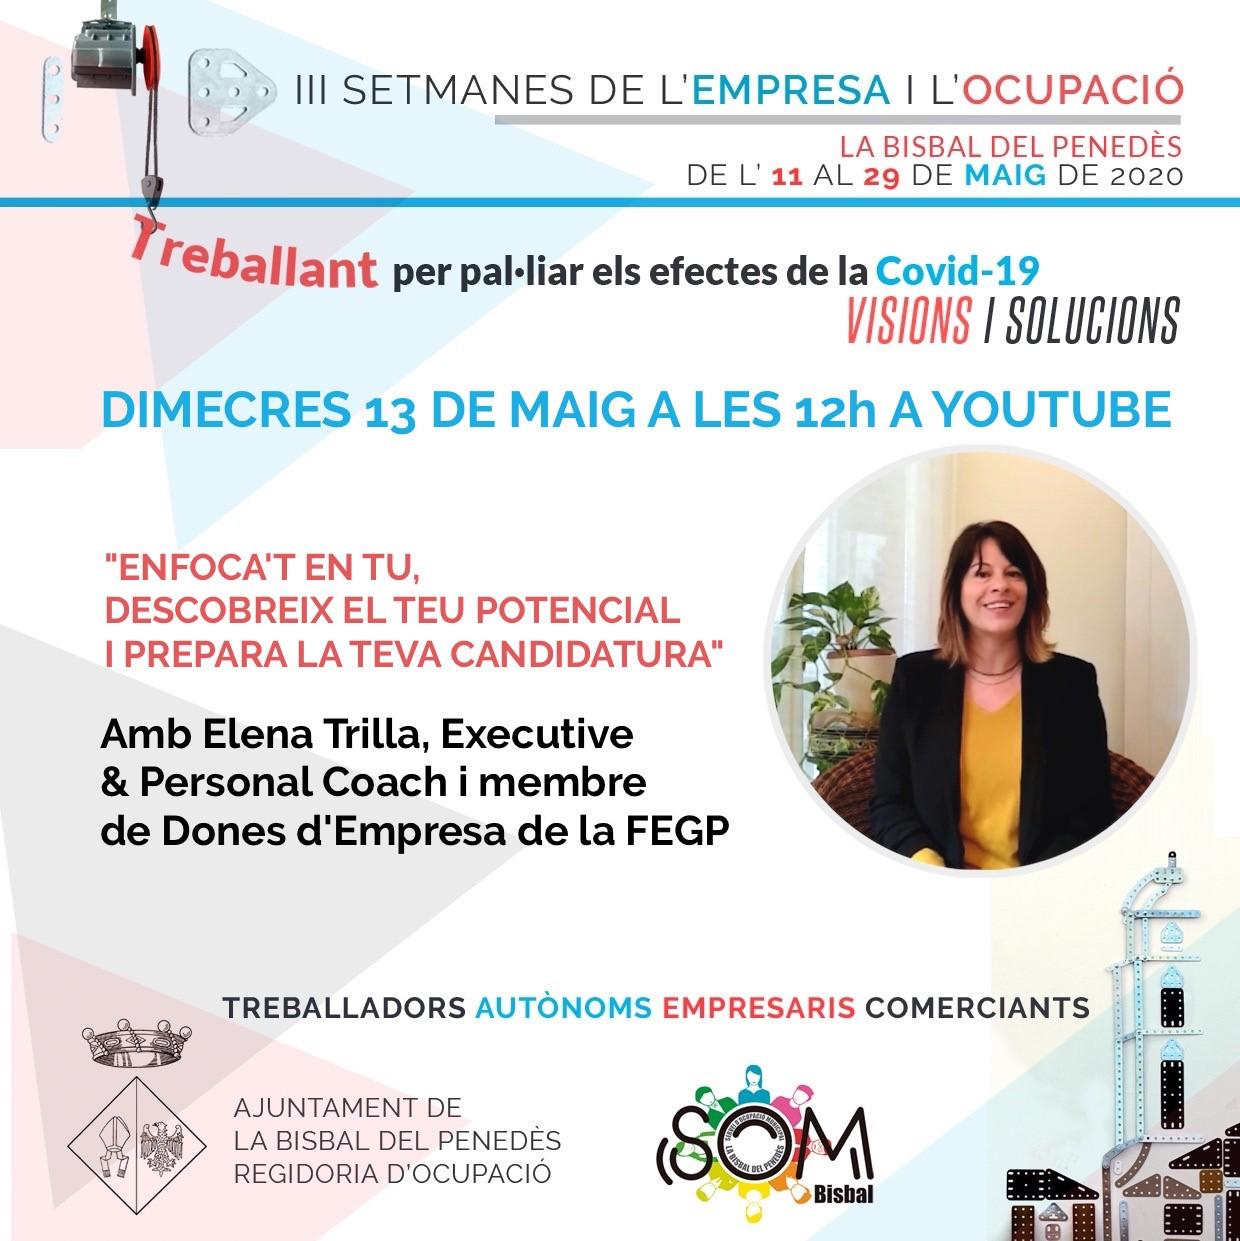 Busques feina? Aquest vídeo amb consells de l'Elena Trilla Coach et podria interessar